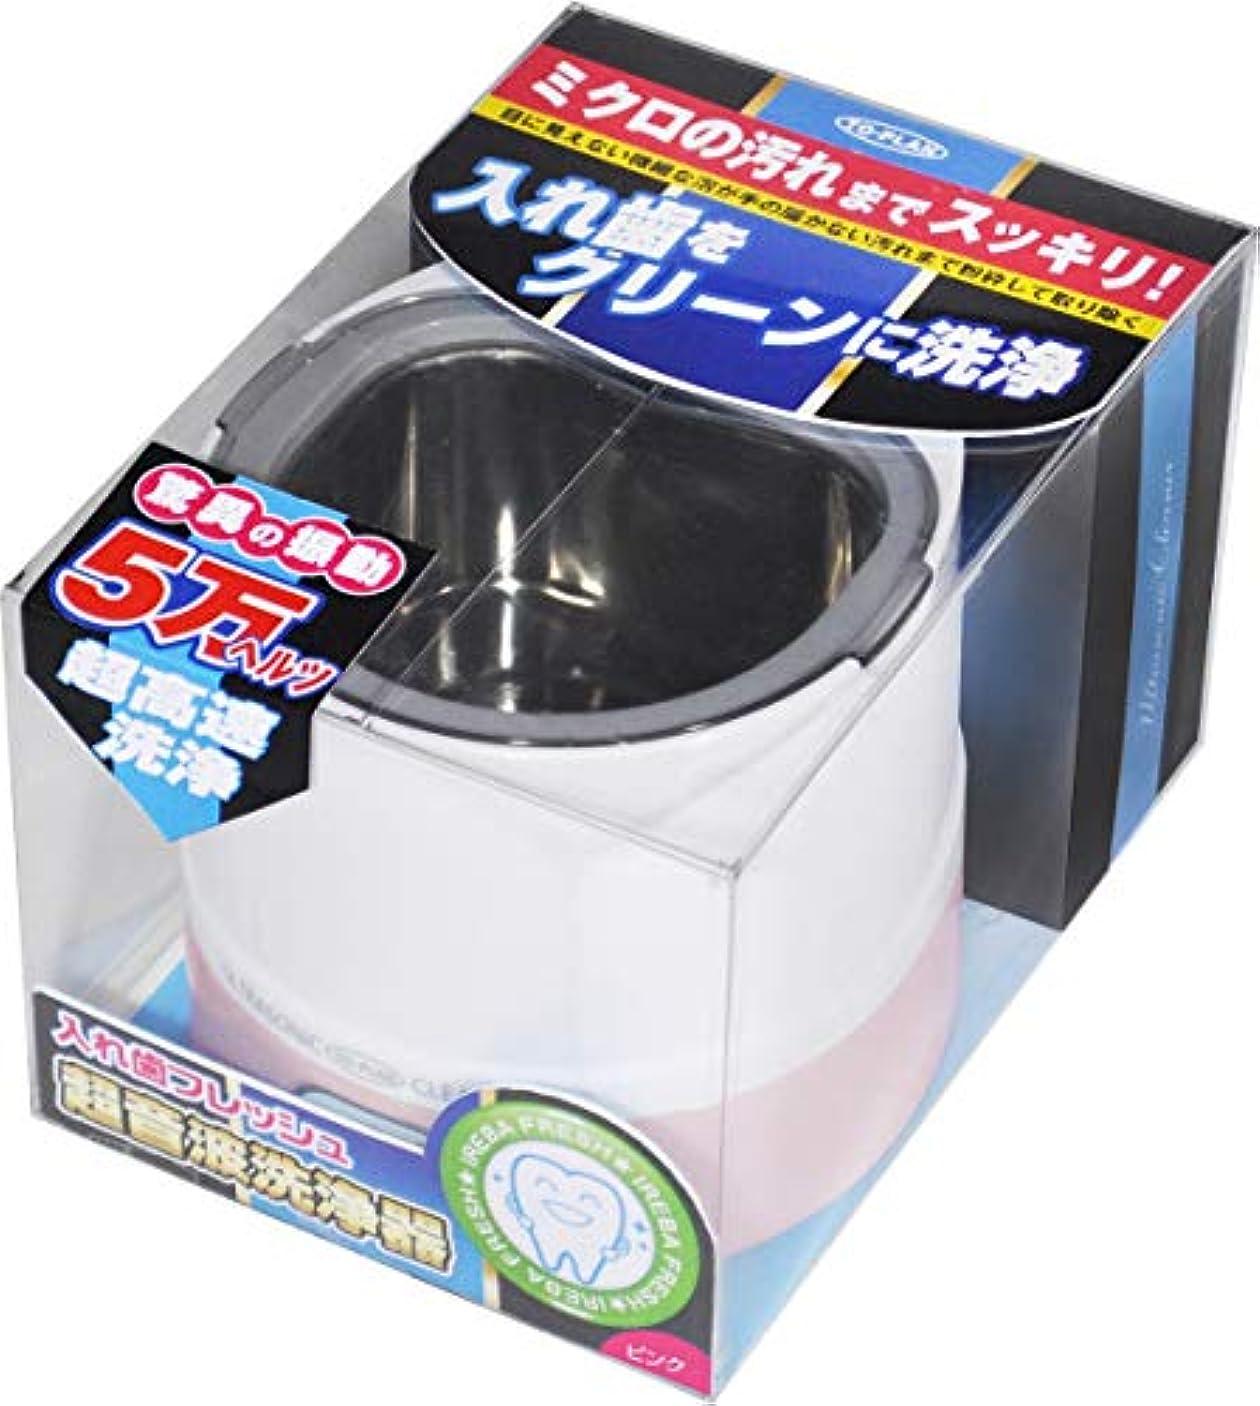 エンティティユーモラスインフルエンザTO-PLAN(トプラン) 超音波入れ歯洗浄器 TKSM-008(P)